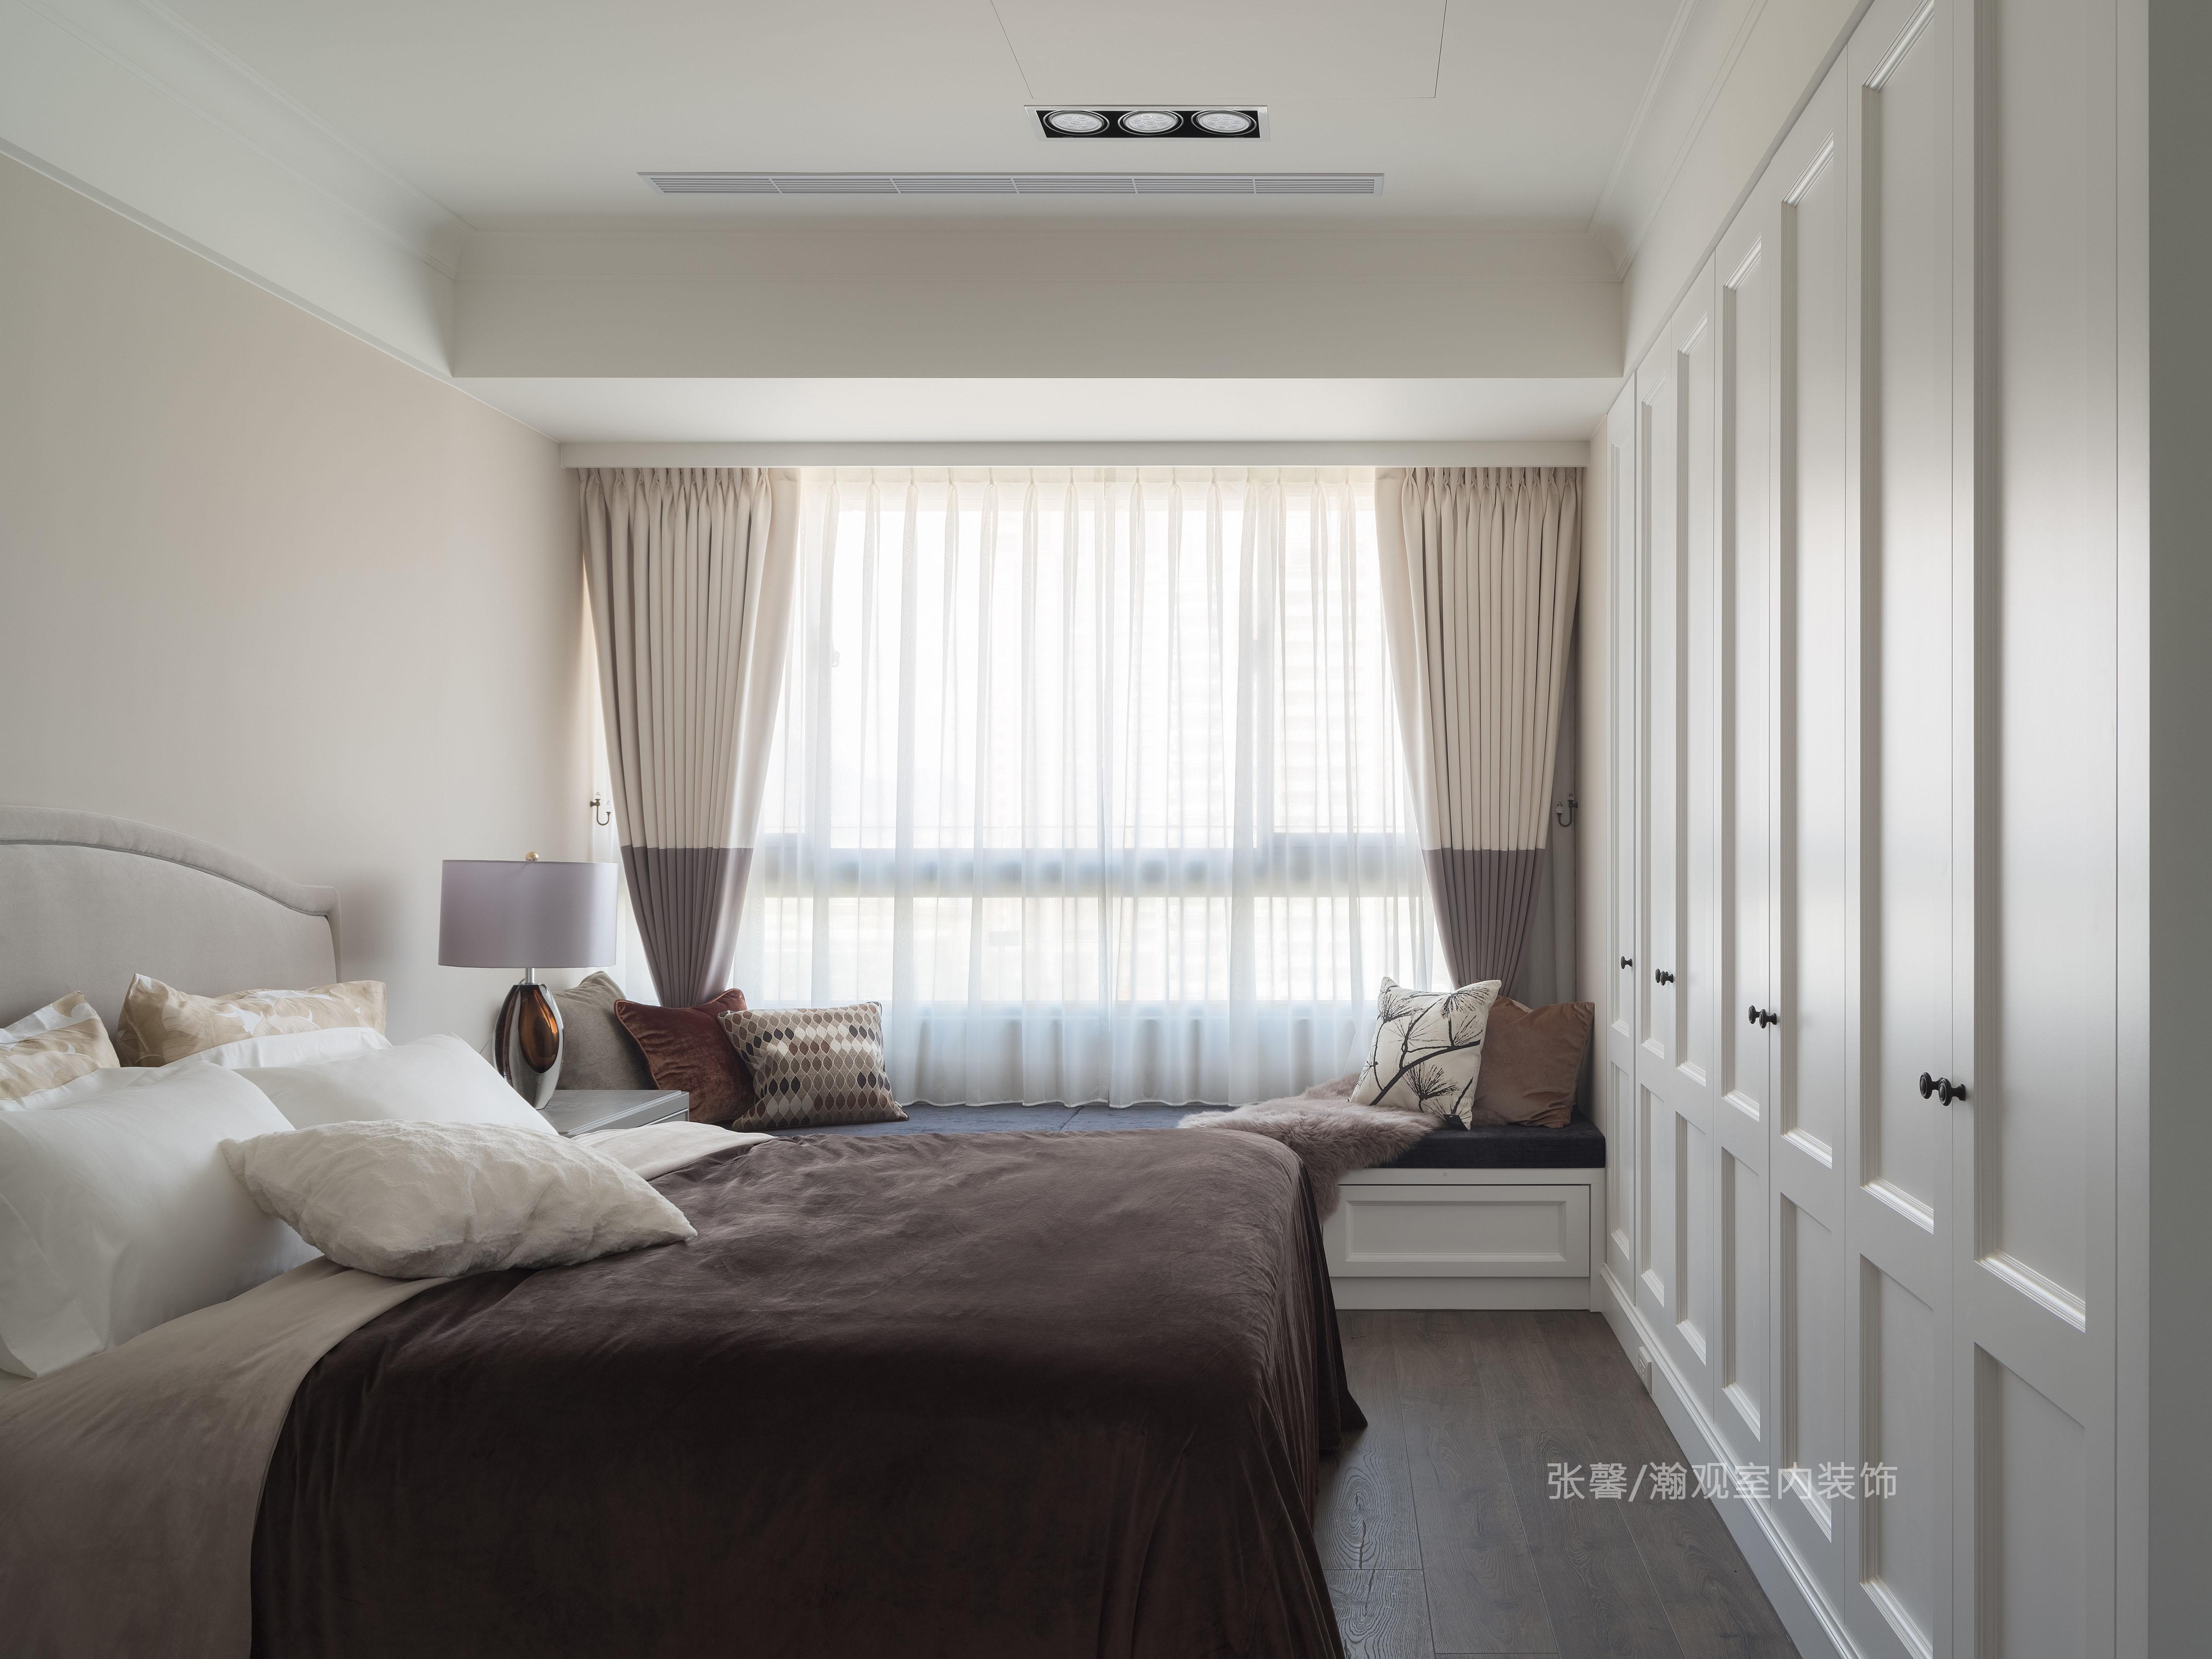 张馨 瀚观 室内设计 装修 装饰 卧室图片来自张馨/瀚观室内装饰在143㎡,金融业主管的舒心美宅的分享